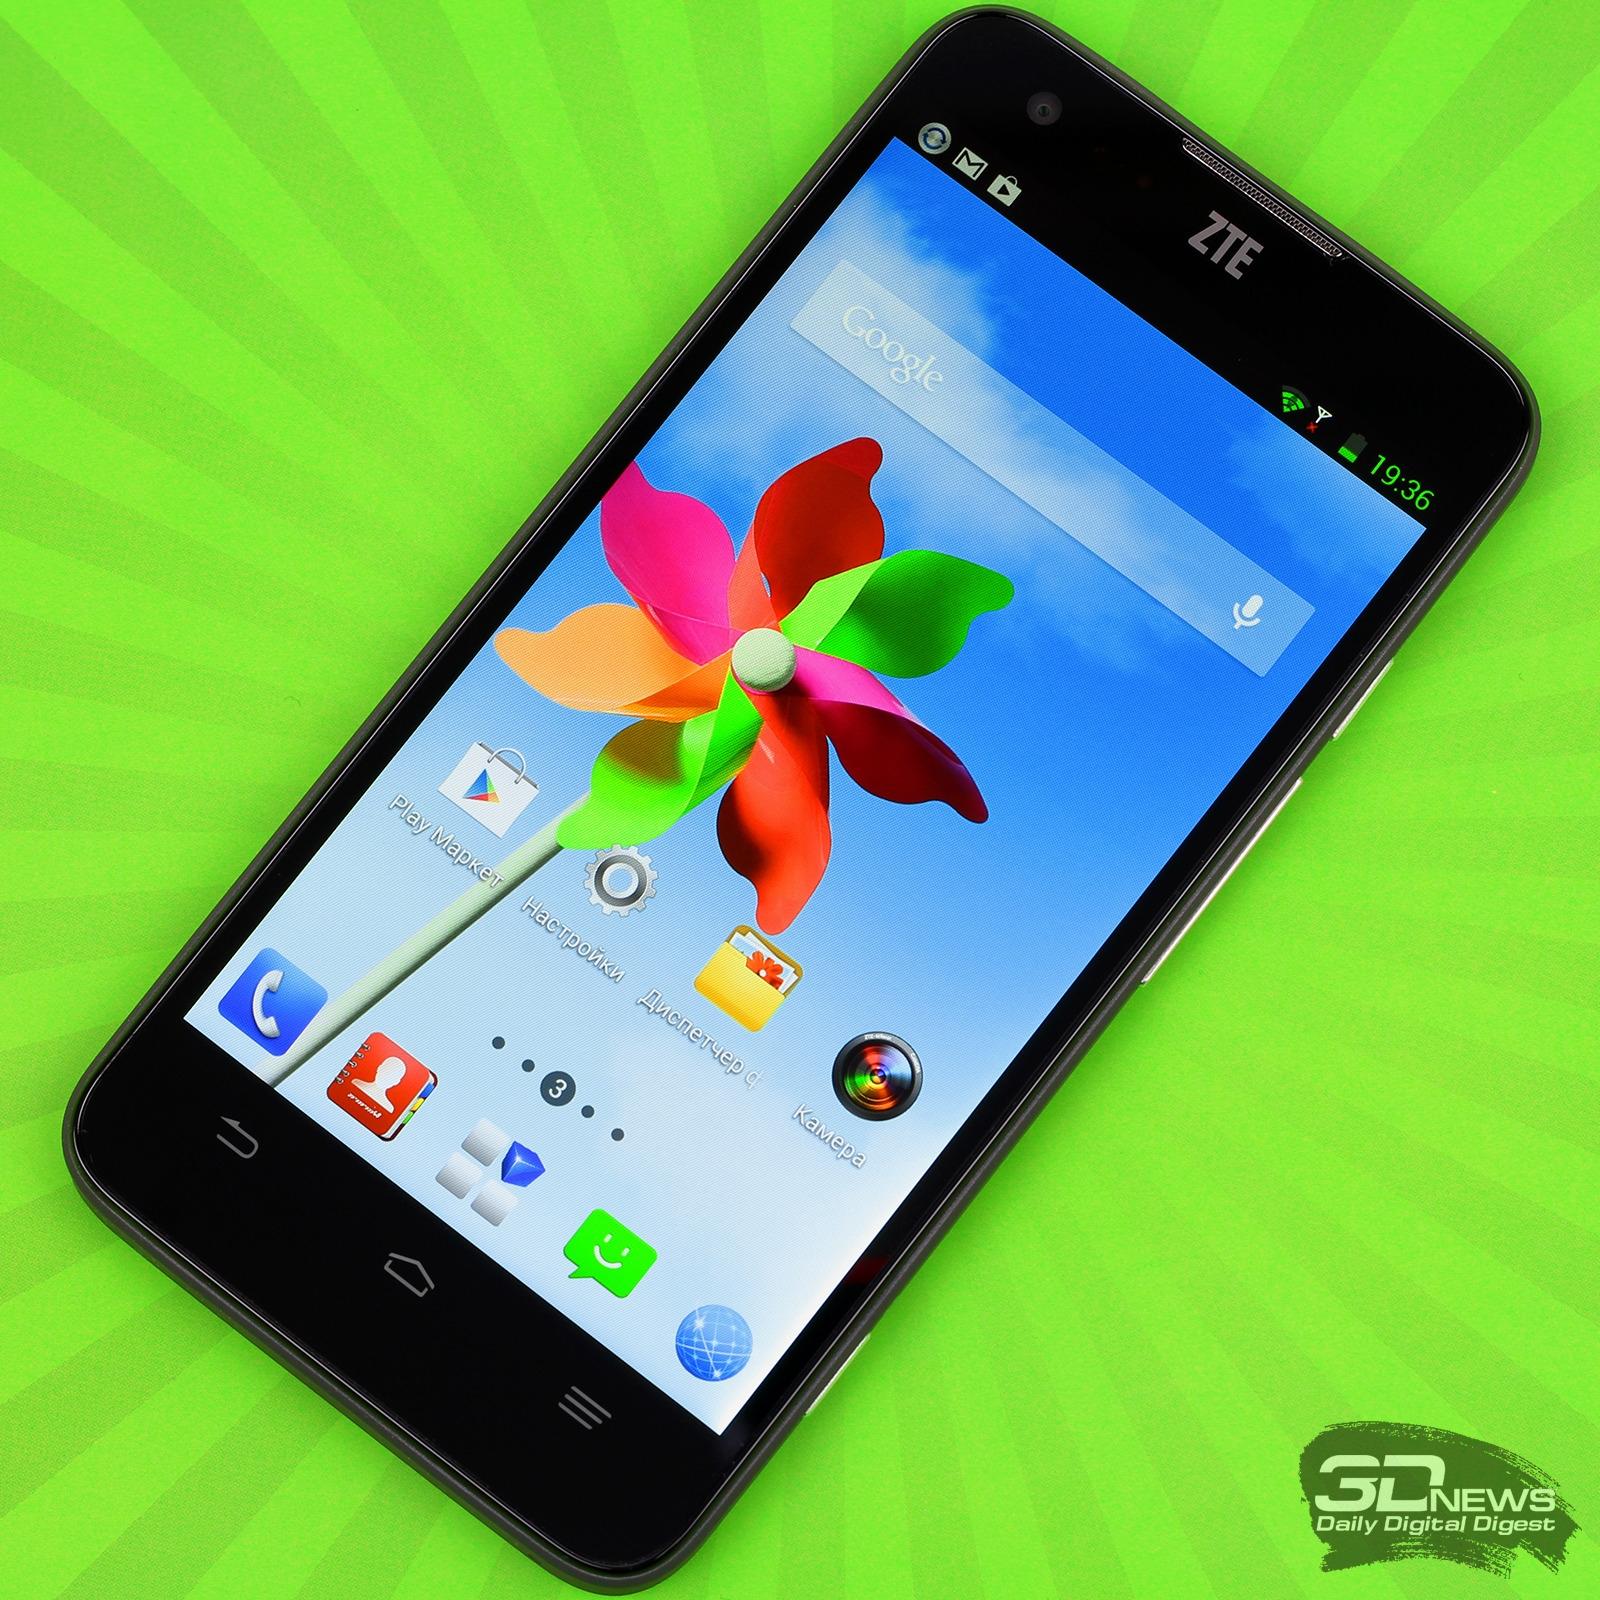 Обзор смартфона ZTE Geek: спонсор показа — компания Intel